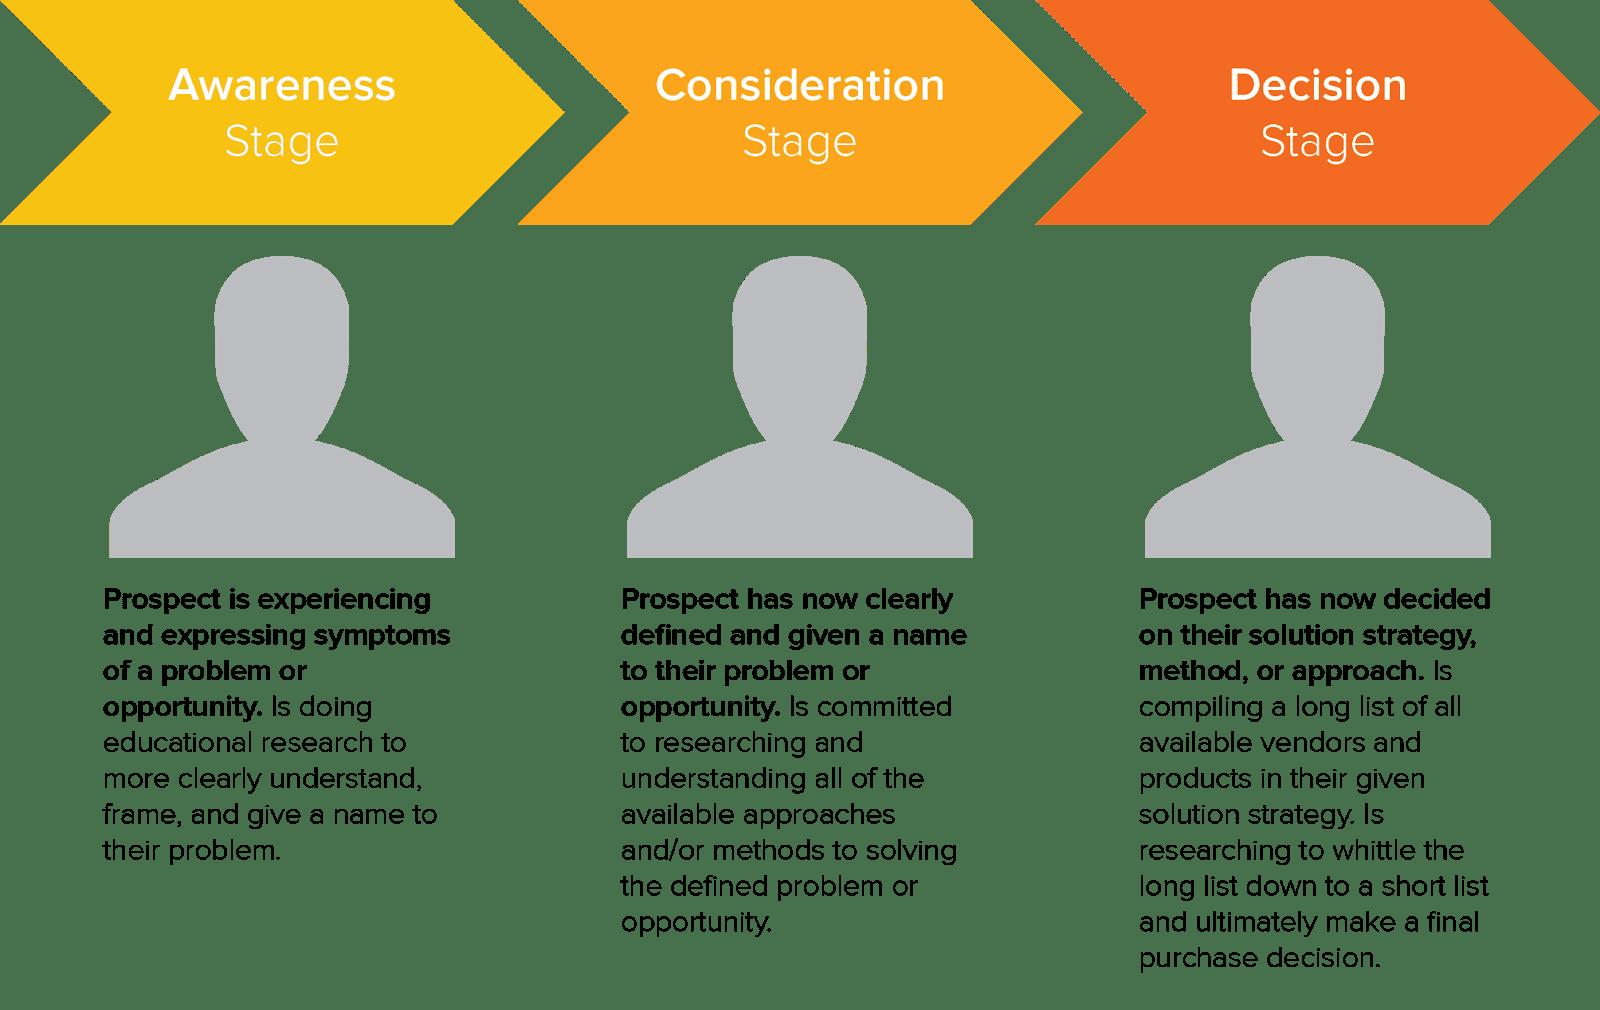 Website Content Audit: HubSpot Buyer's Journey